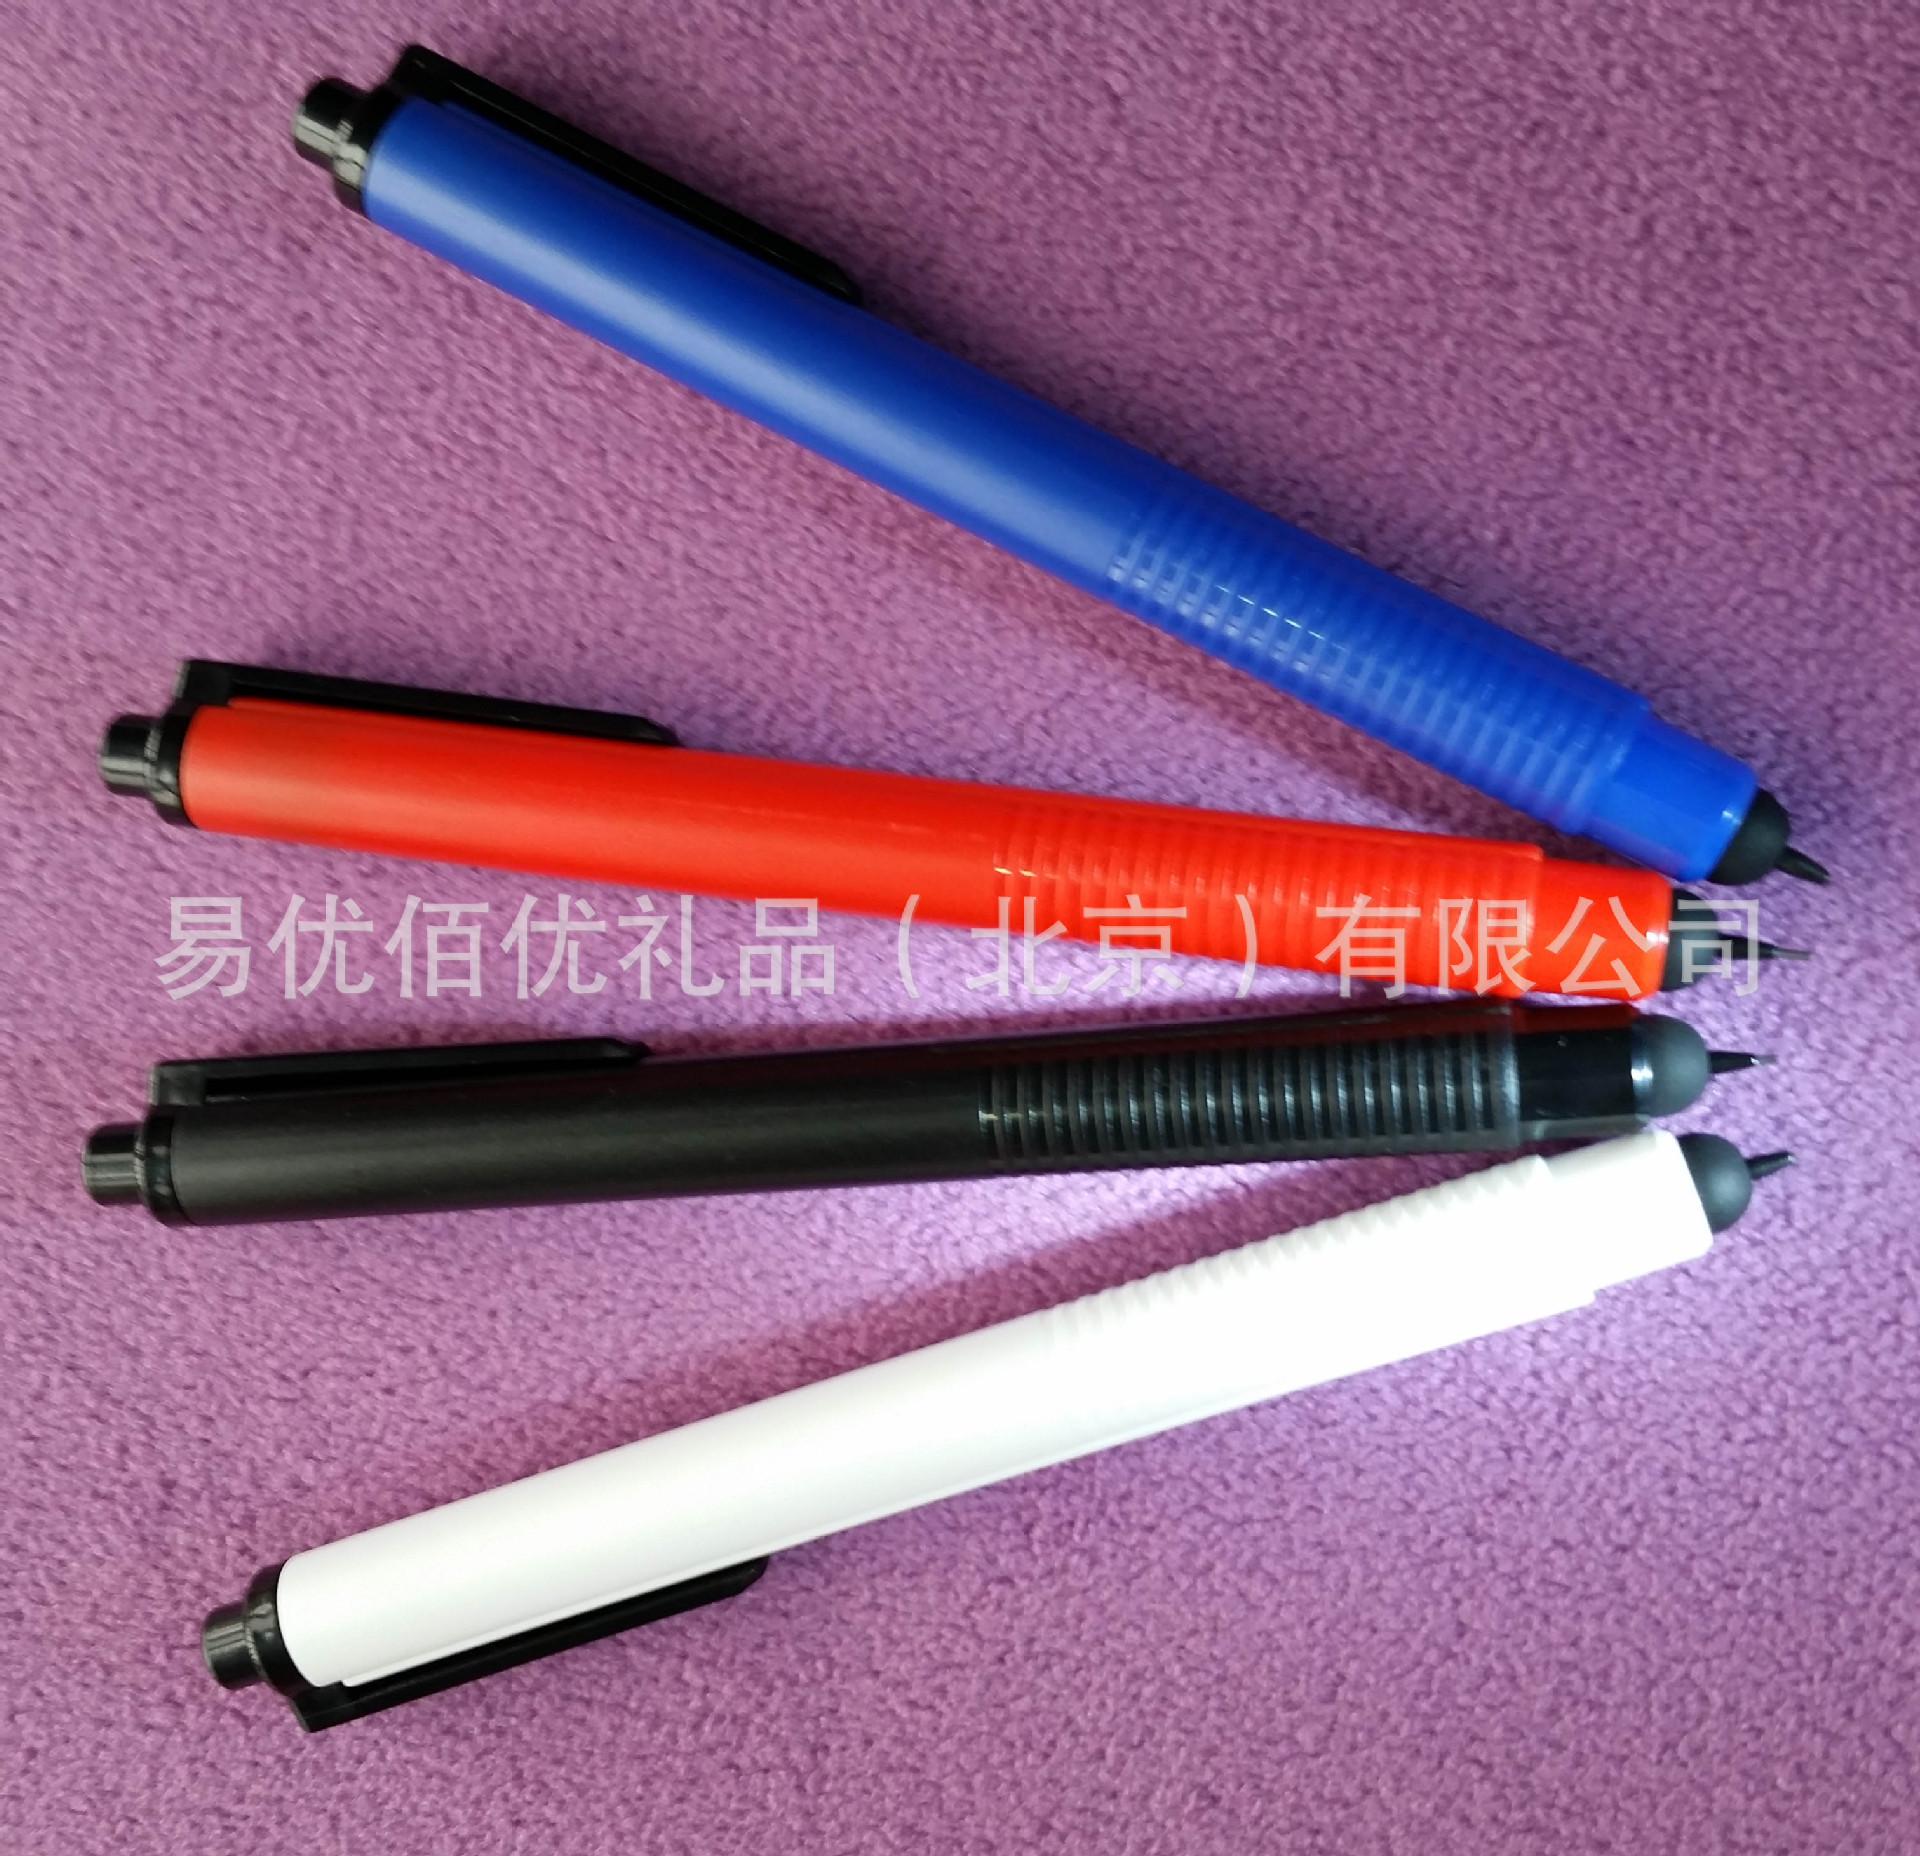 2合1笔,办公笔新创意自动铅笔 触控笔外形商务大气.